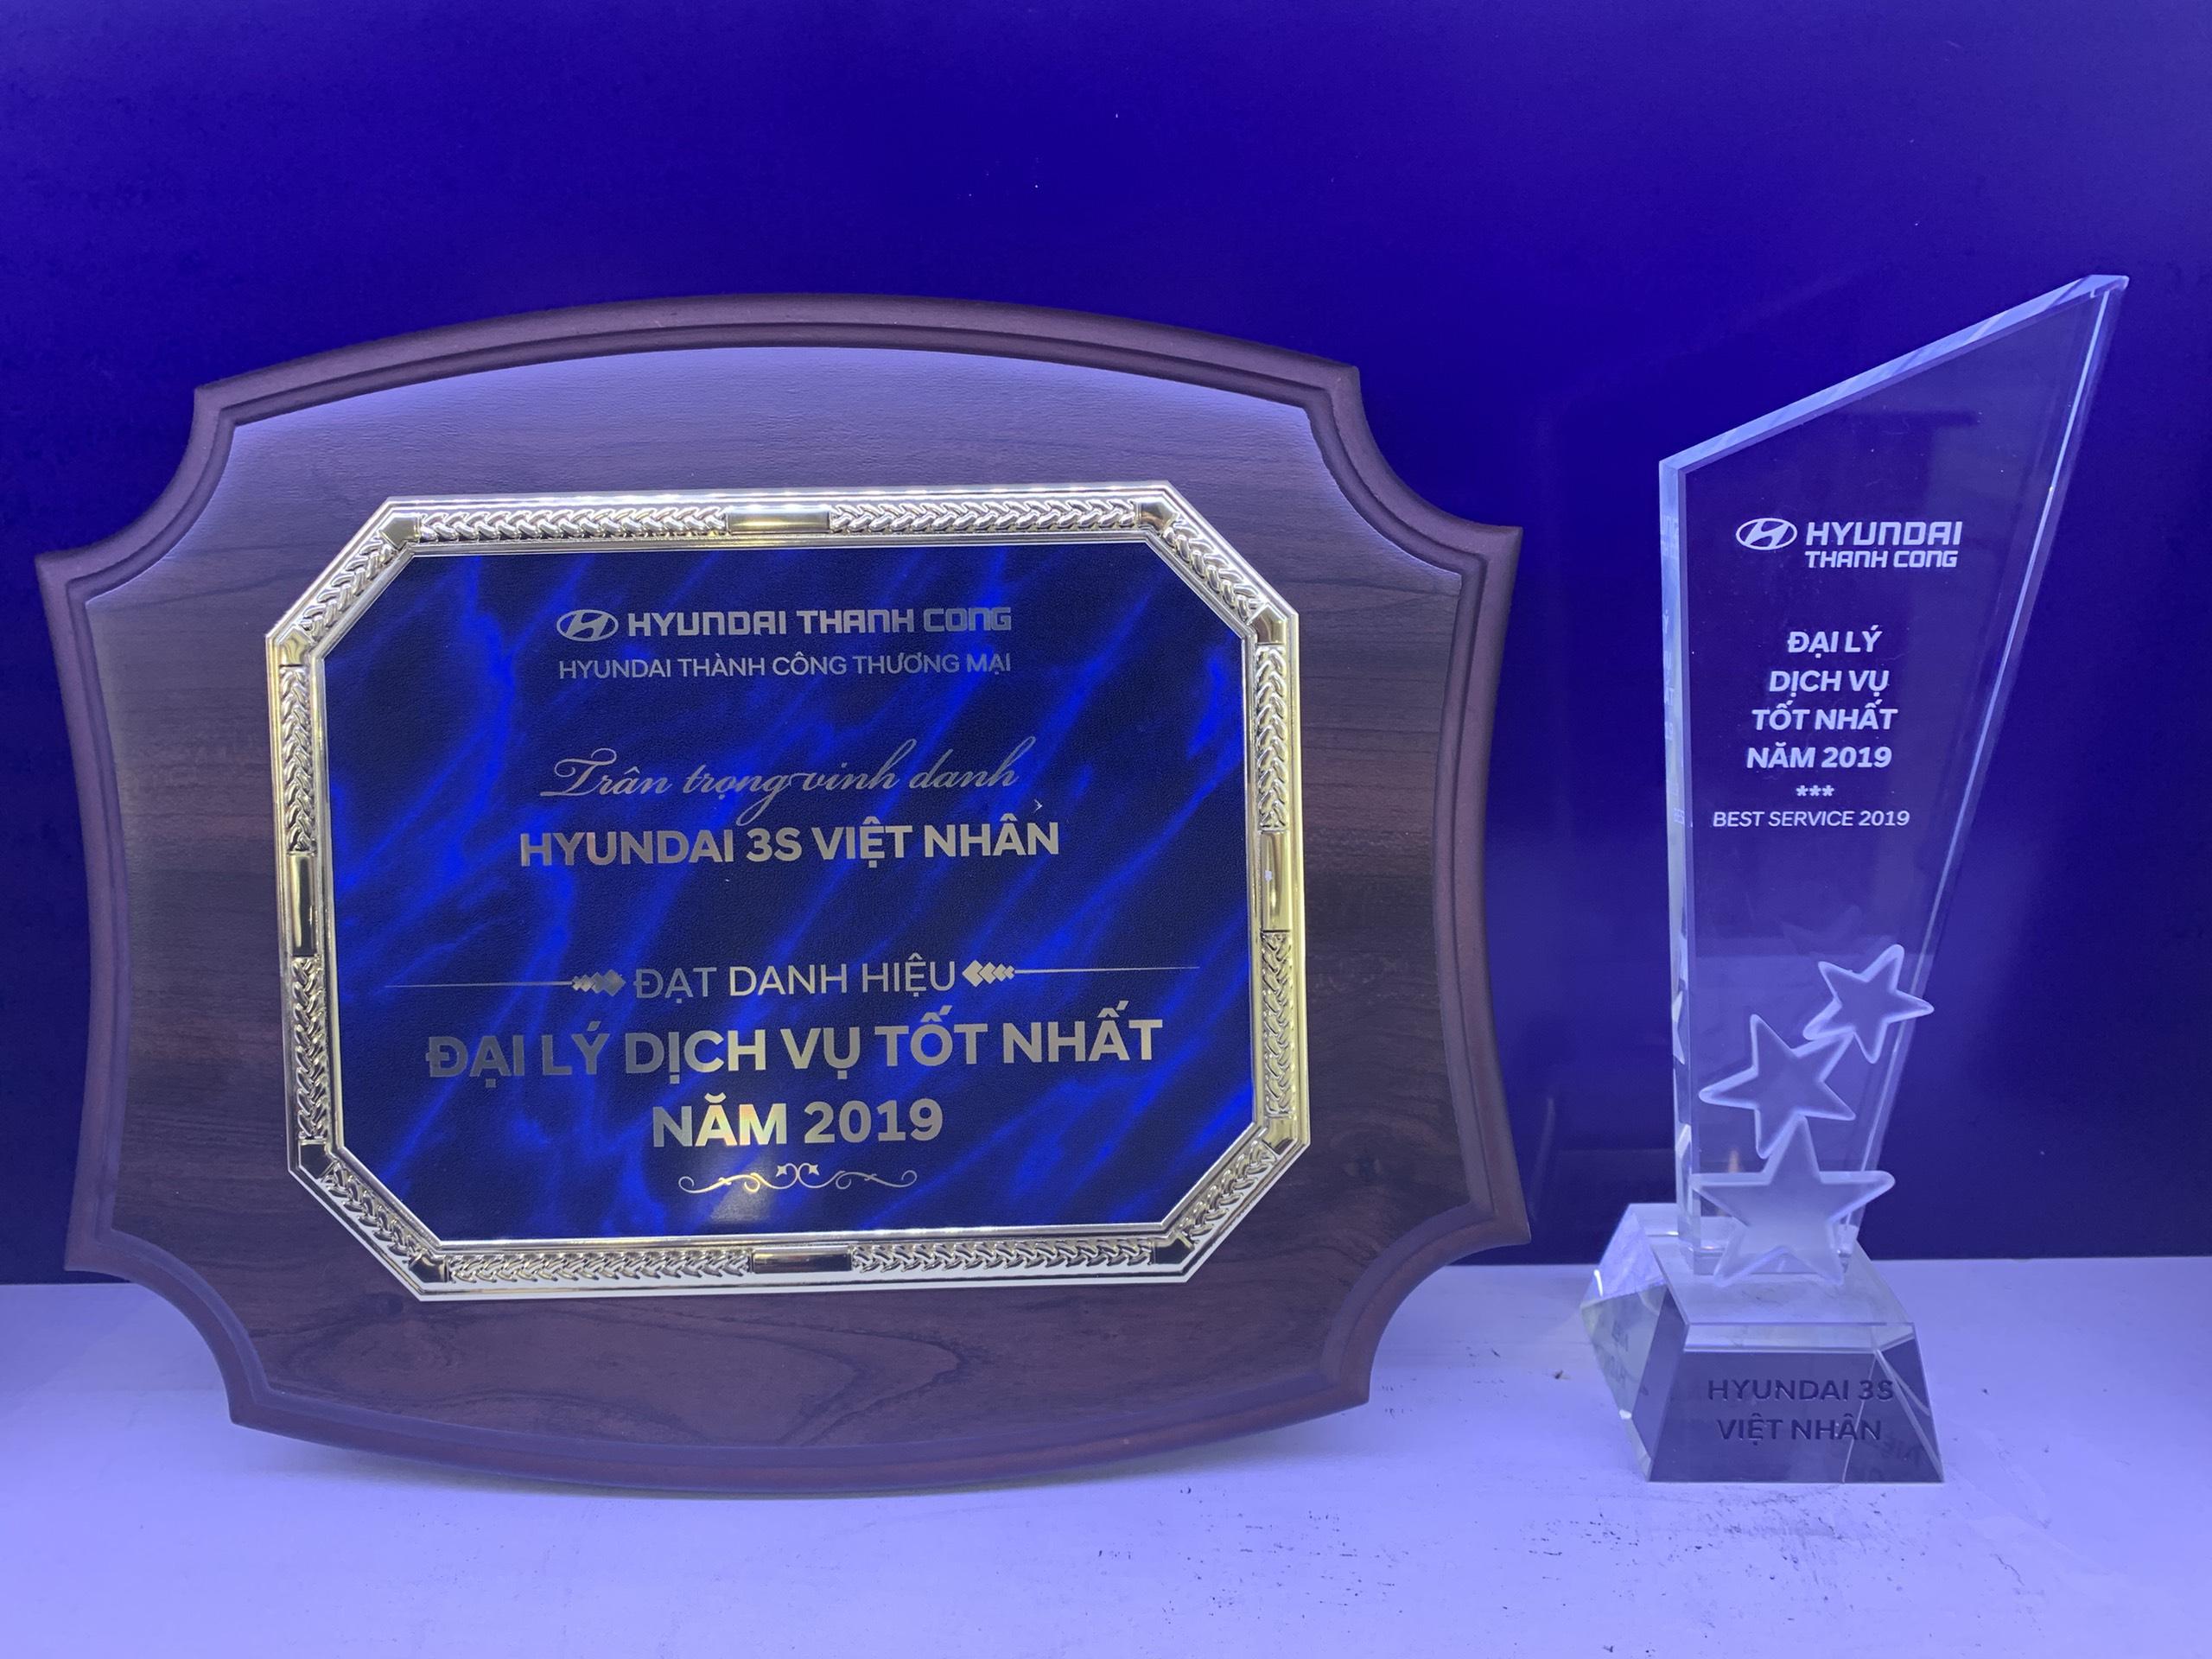 Bằng khen cùng kỉ niệm chương cho Đại Lý Dịch Vụ tốt nhất toàn hệ thống của HTCV